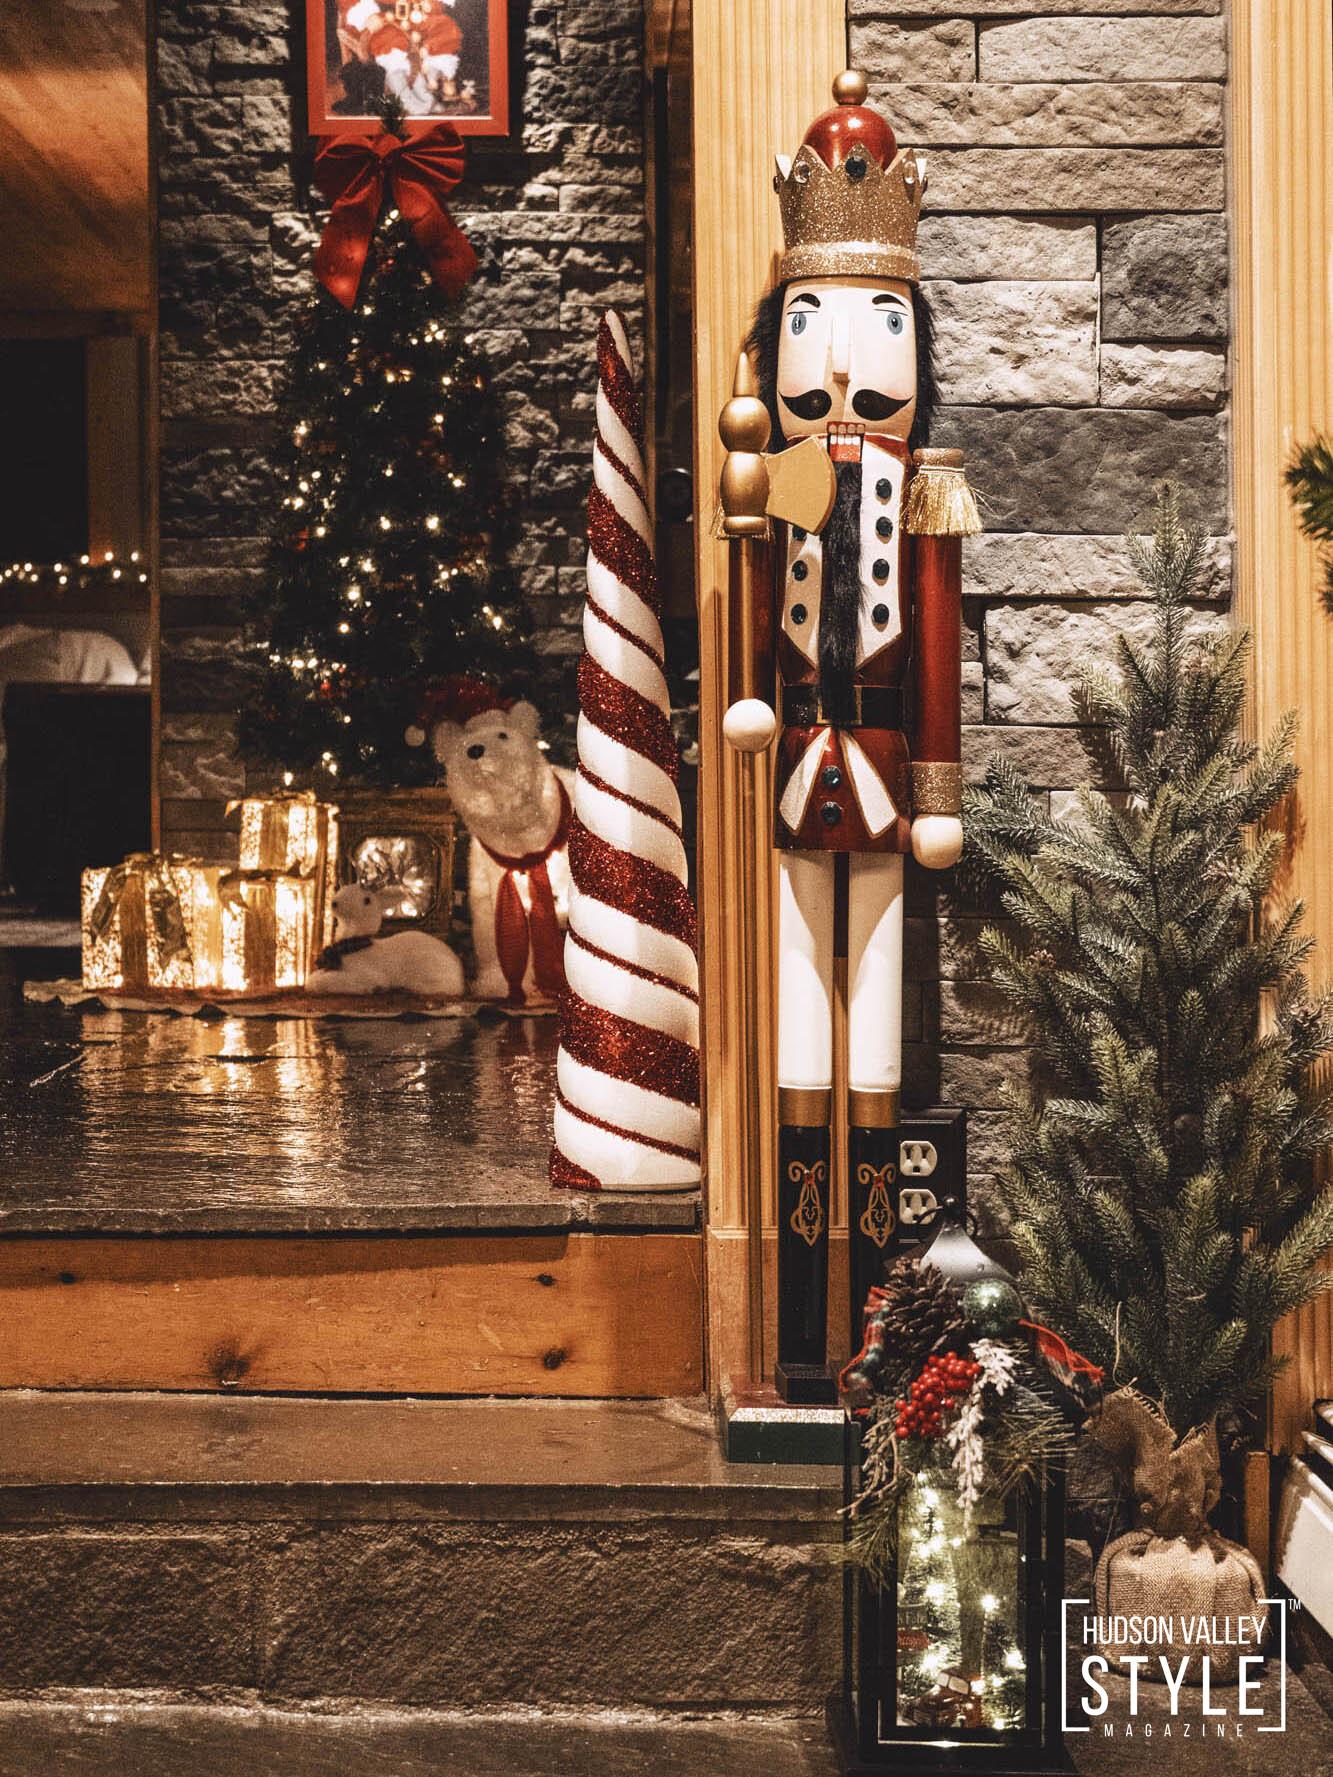 Christmas at the Hudson Villa - Photo Story by Maxwell L. Alexander